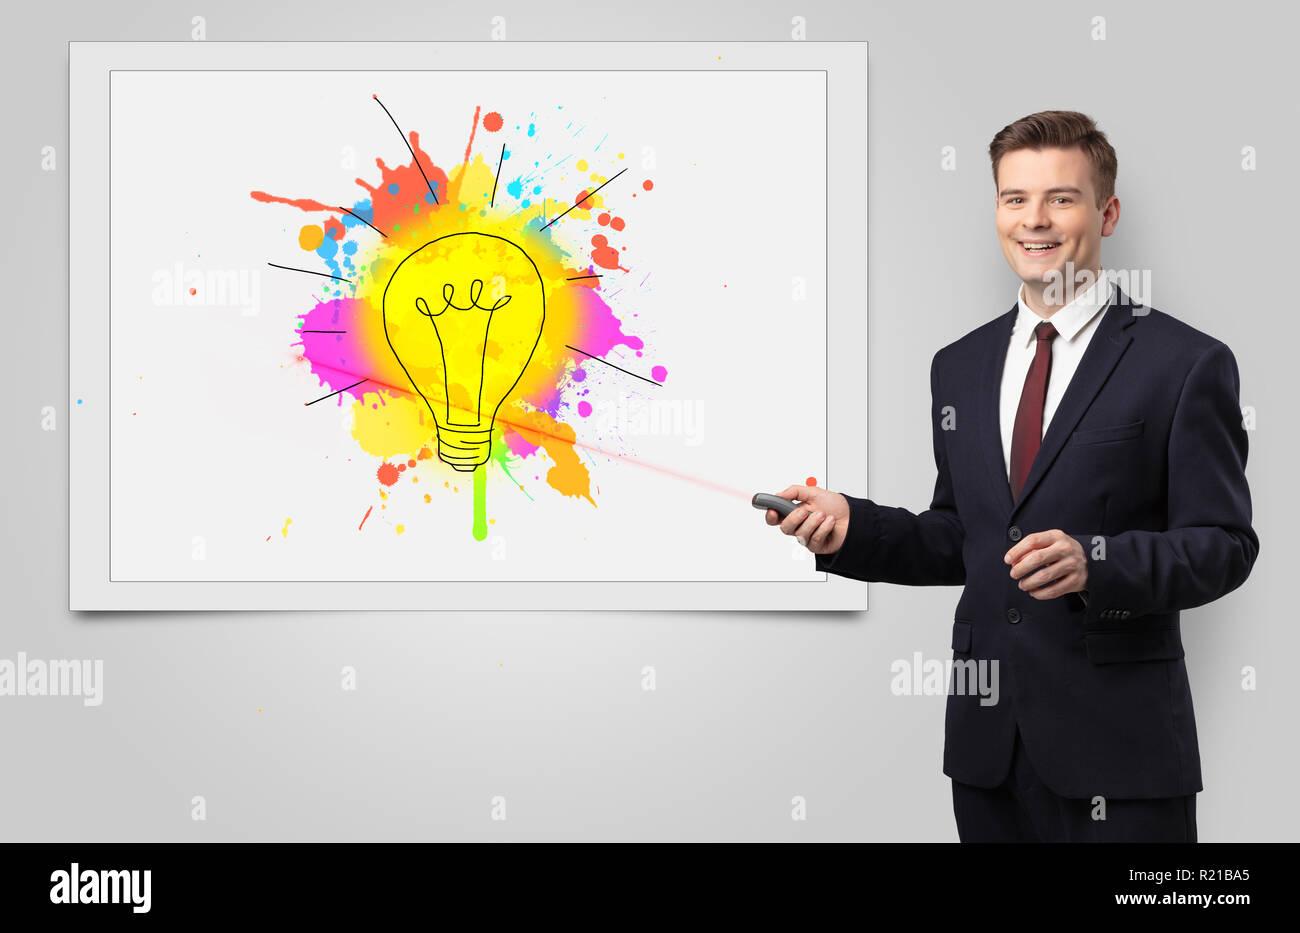 Uomo con puntatore laser presentazione idea innovativa Immagini Stock